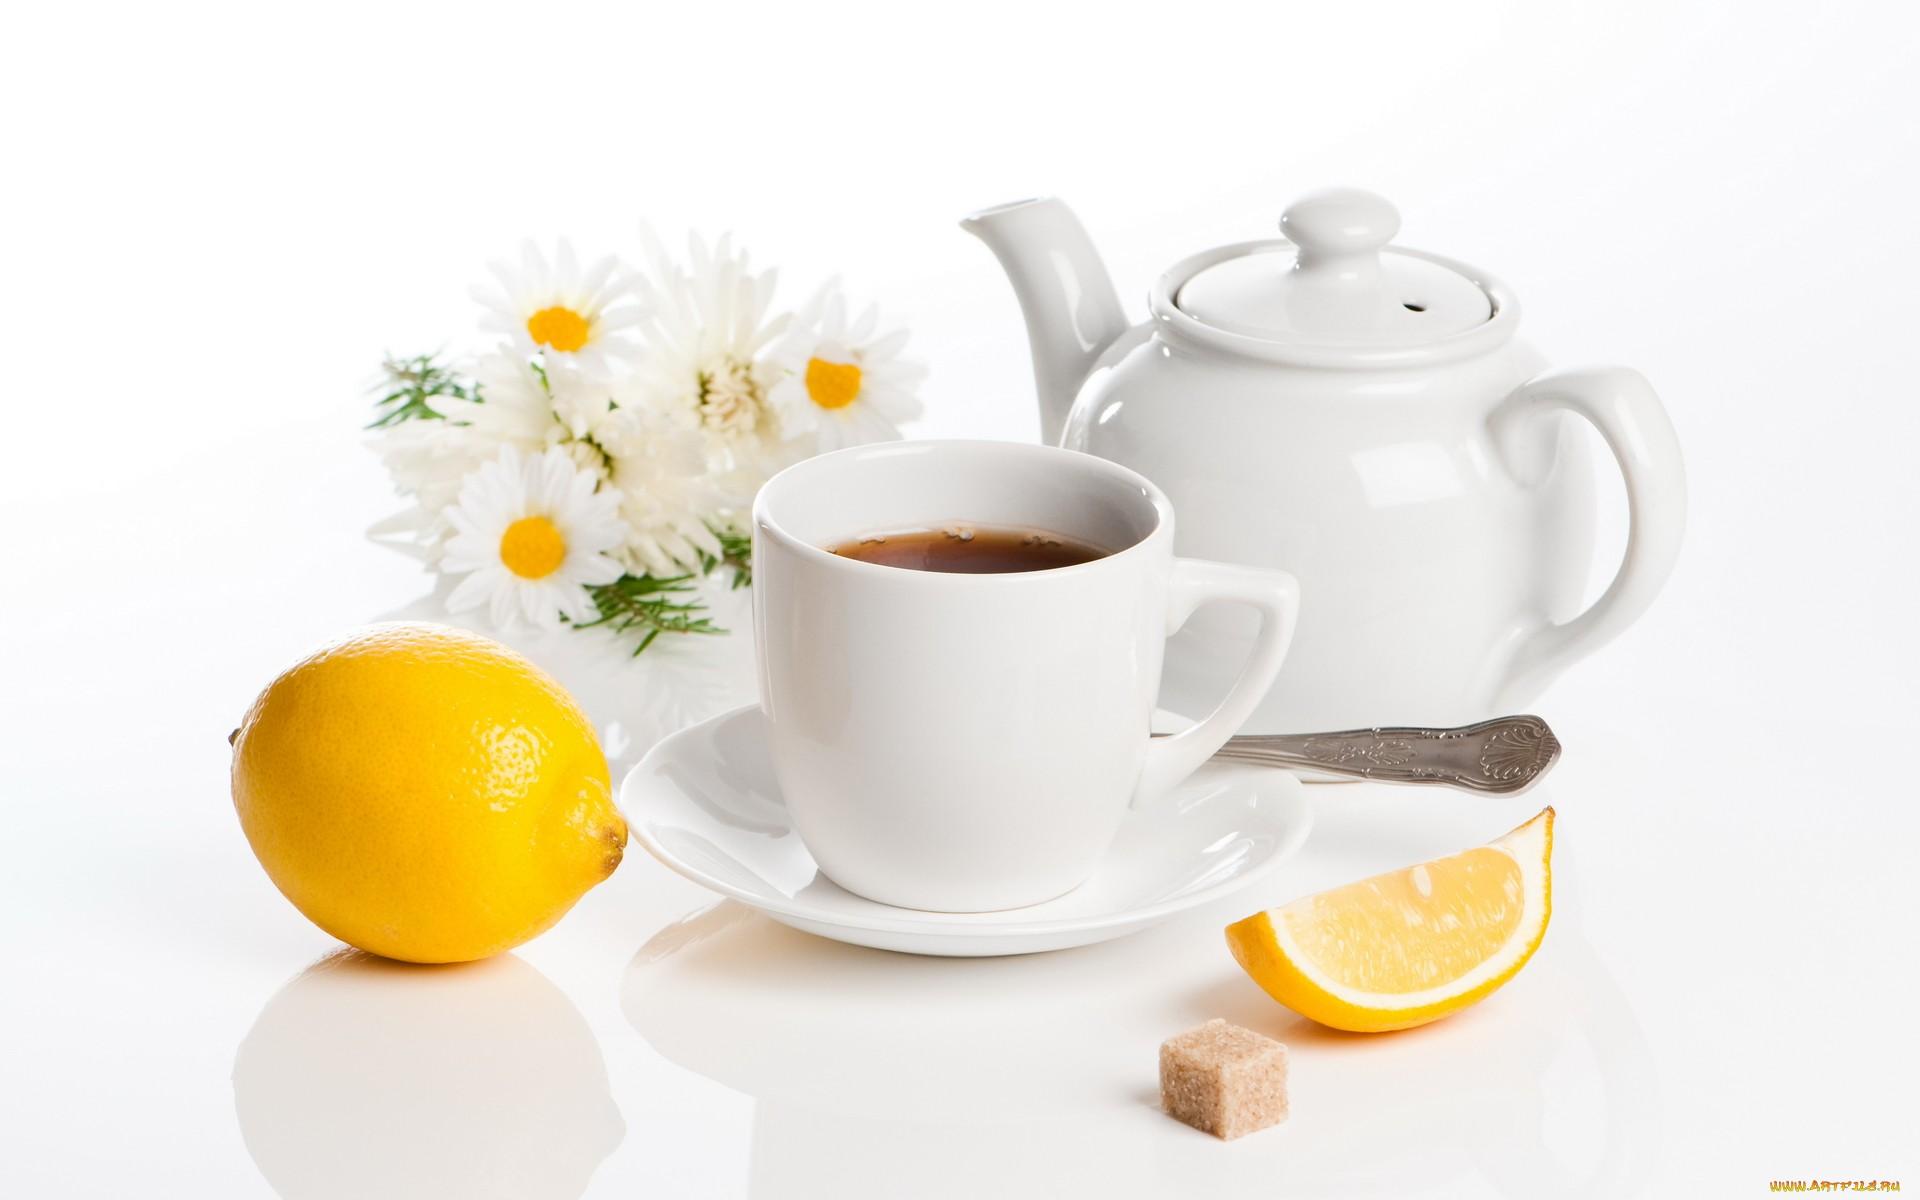 хлеб чай кружка чайник масло  № 2118804 бесплатно